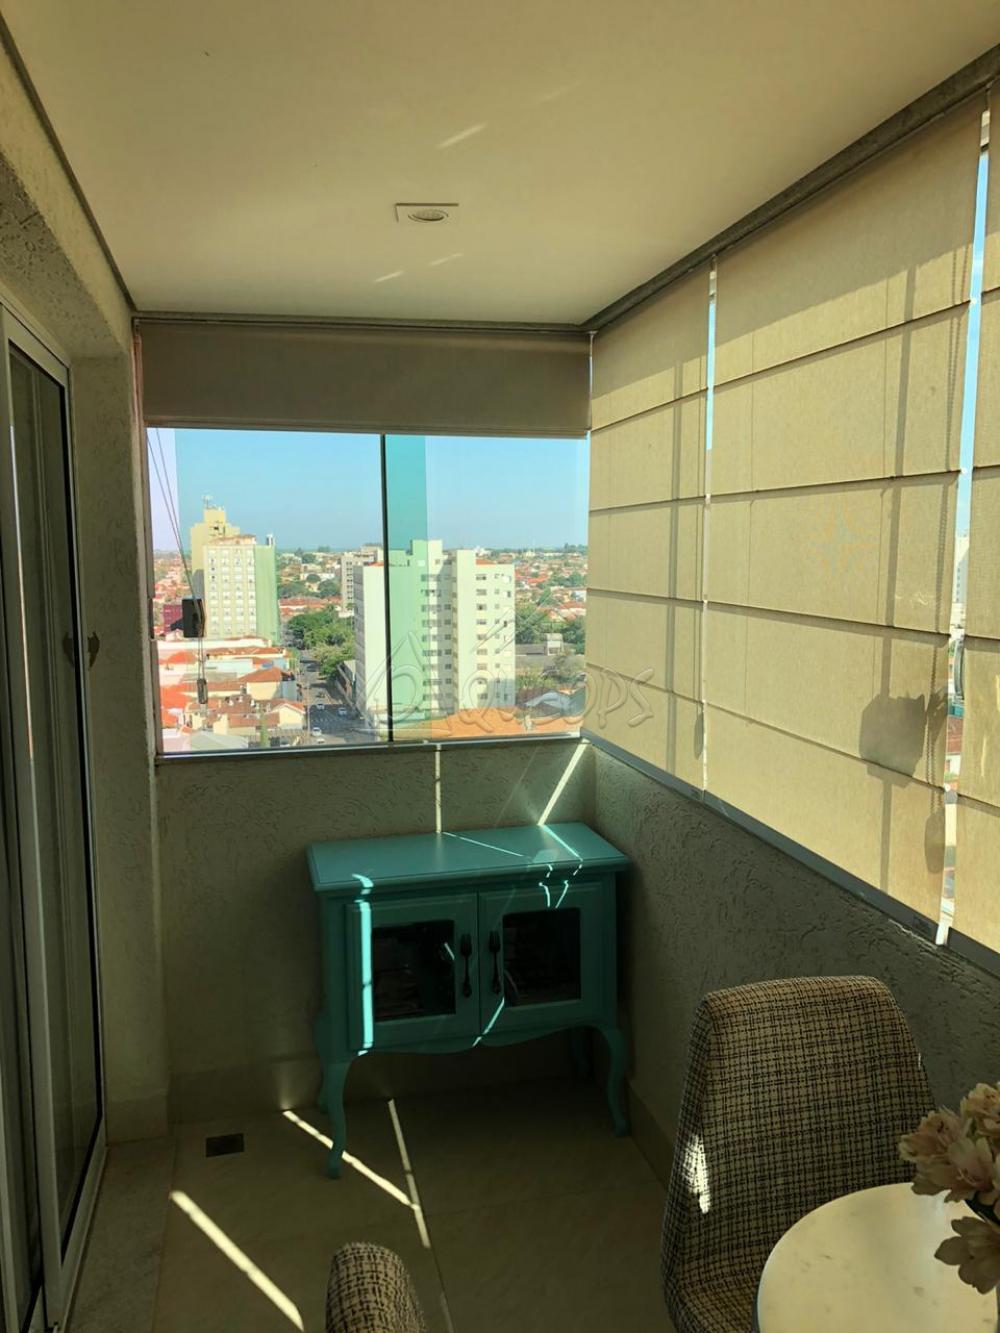 Comprar Apartamento / Padrão em Barretos apenas R$ 700.000,00 - Foto 19